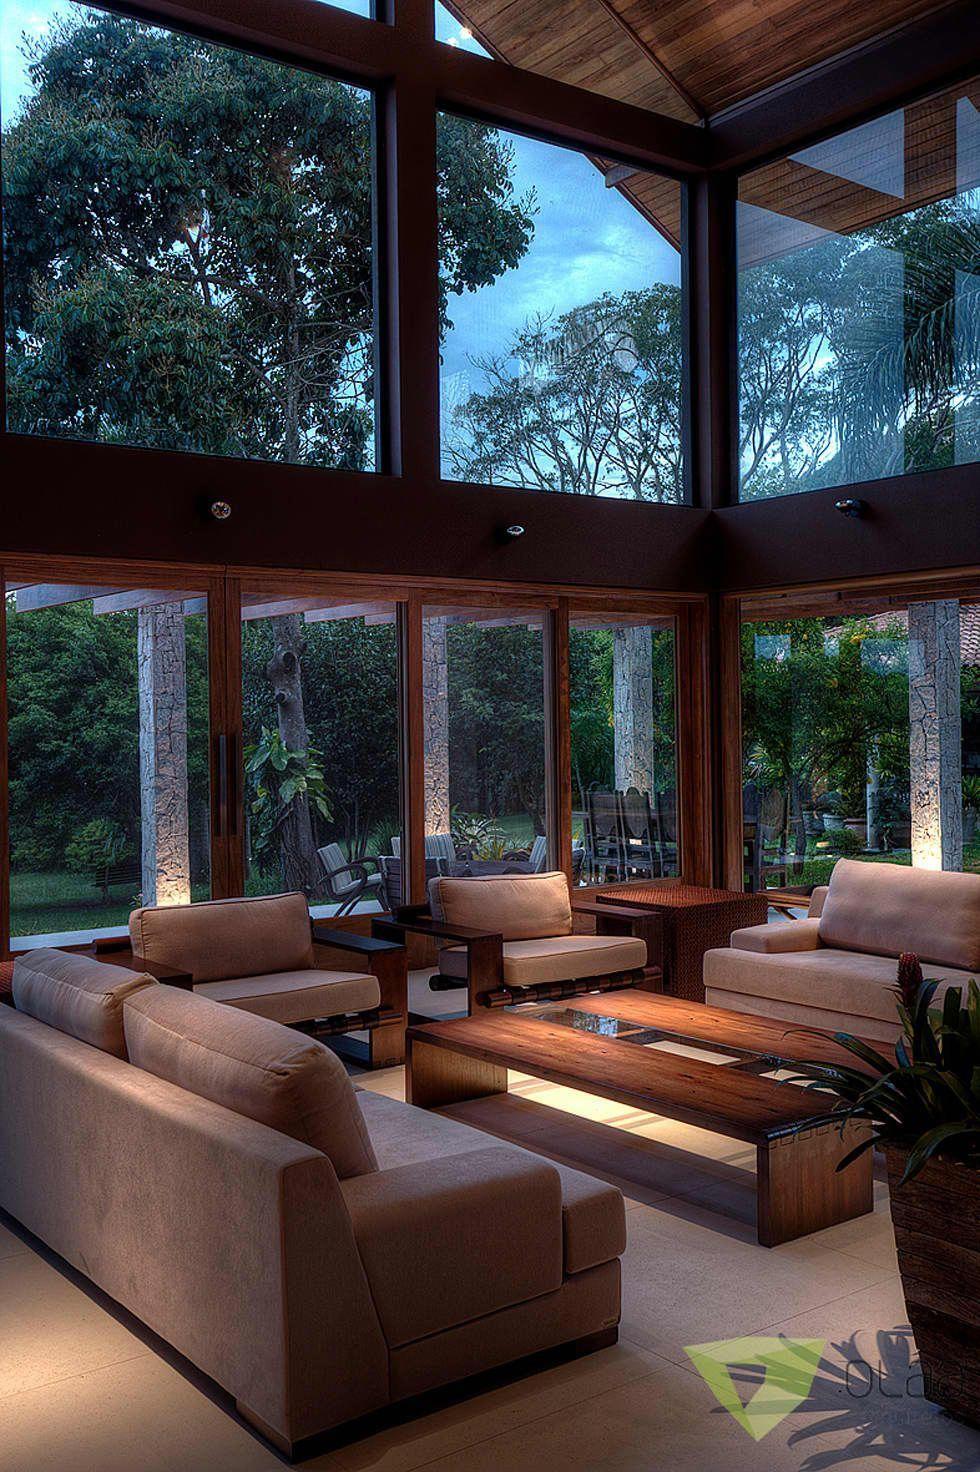 Casa de campo quinta do lago tarauata salas estar campestres por olaa arquitetos also best casas images in rh pinterest